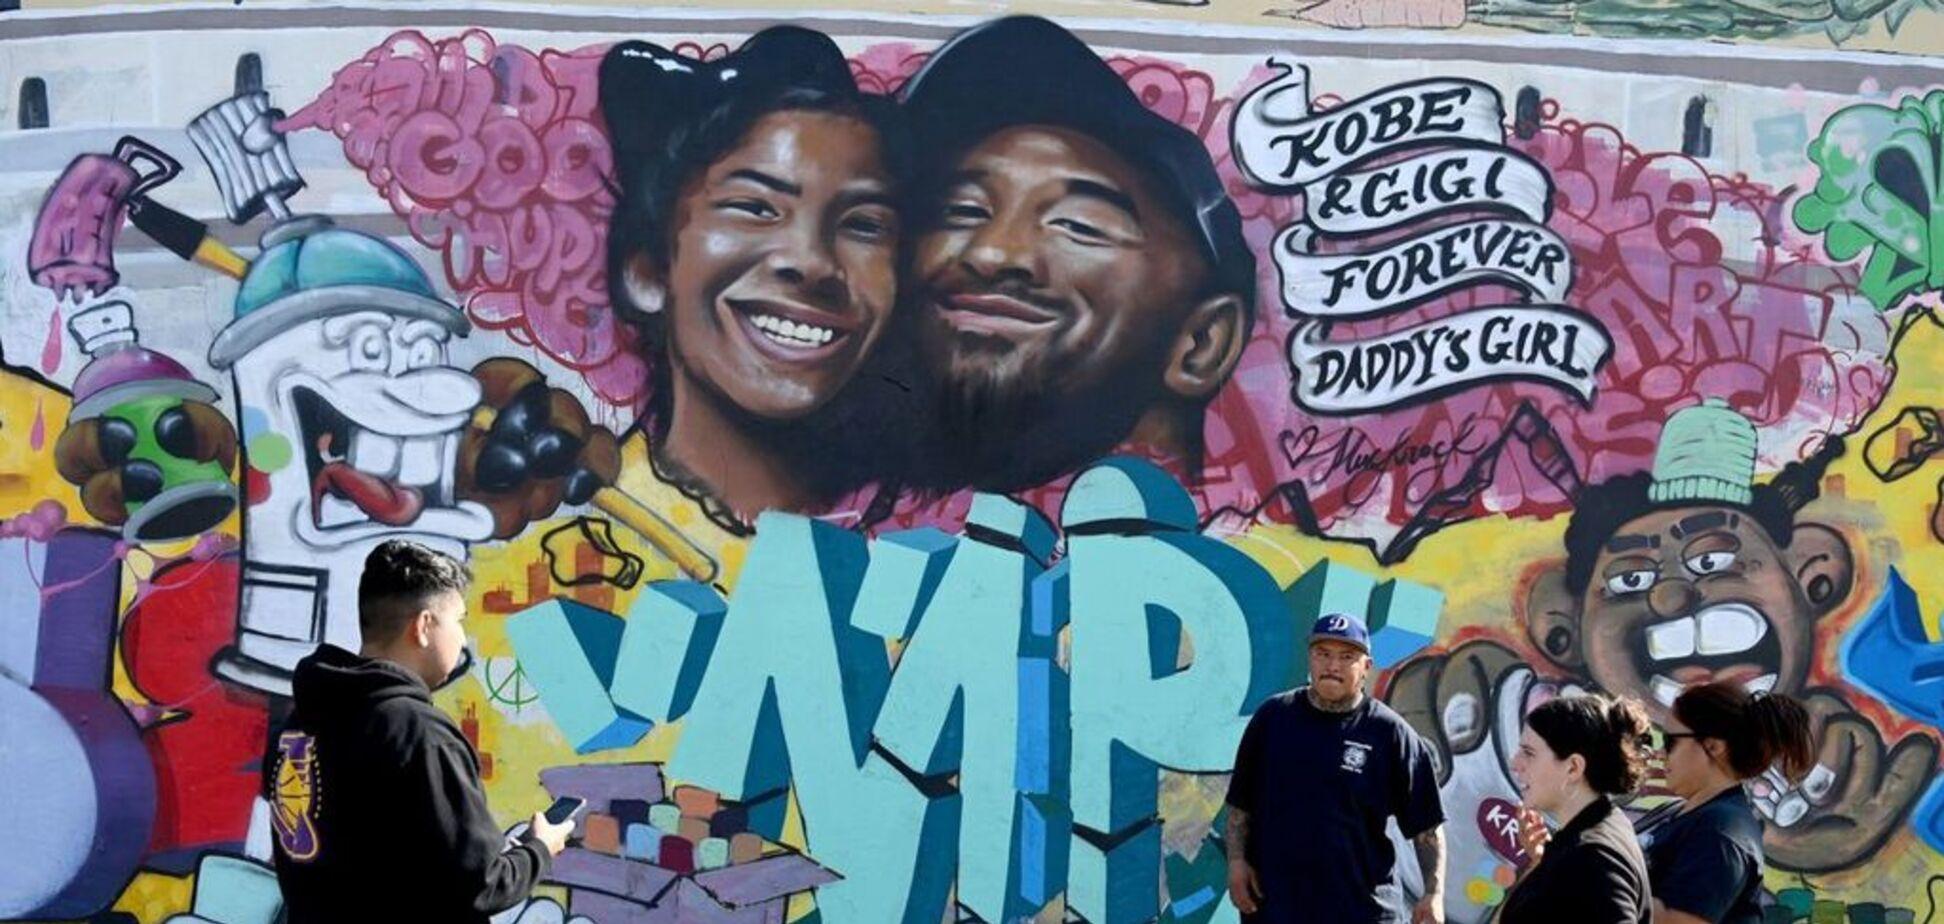 Граффити с изображением Коби Брайанта и его дочери Джанны Марии